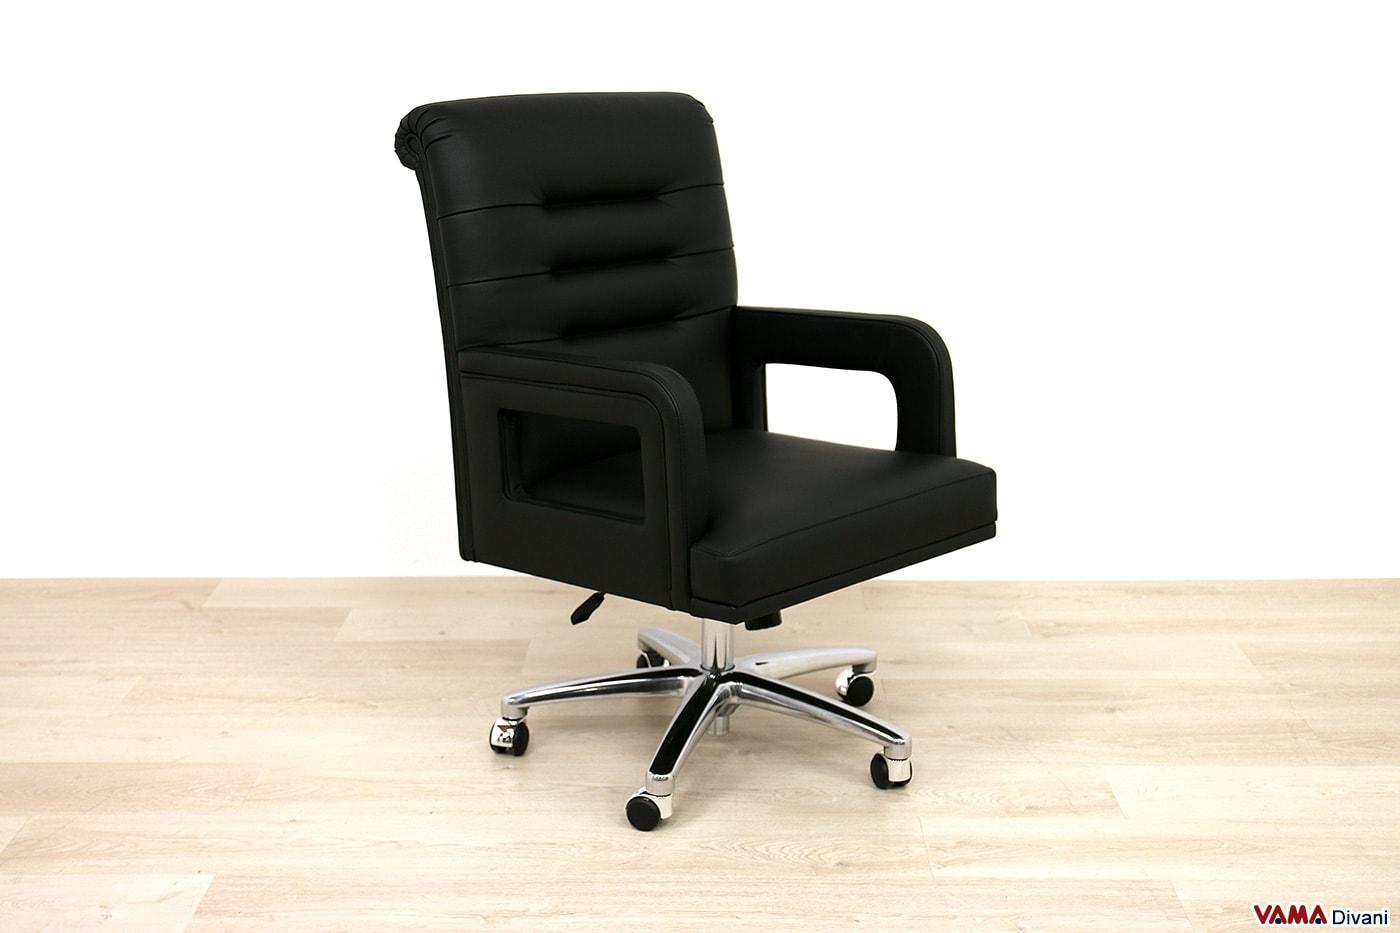 Sedia ufficio in vera pelle nera con girevole in acciaio cromato